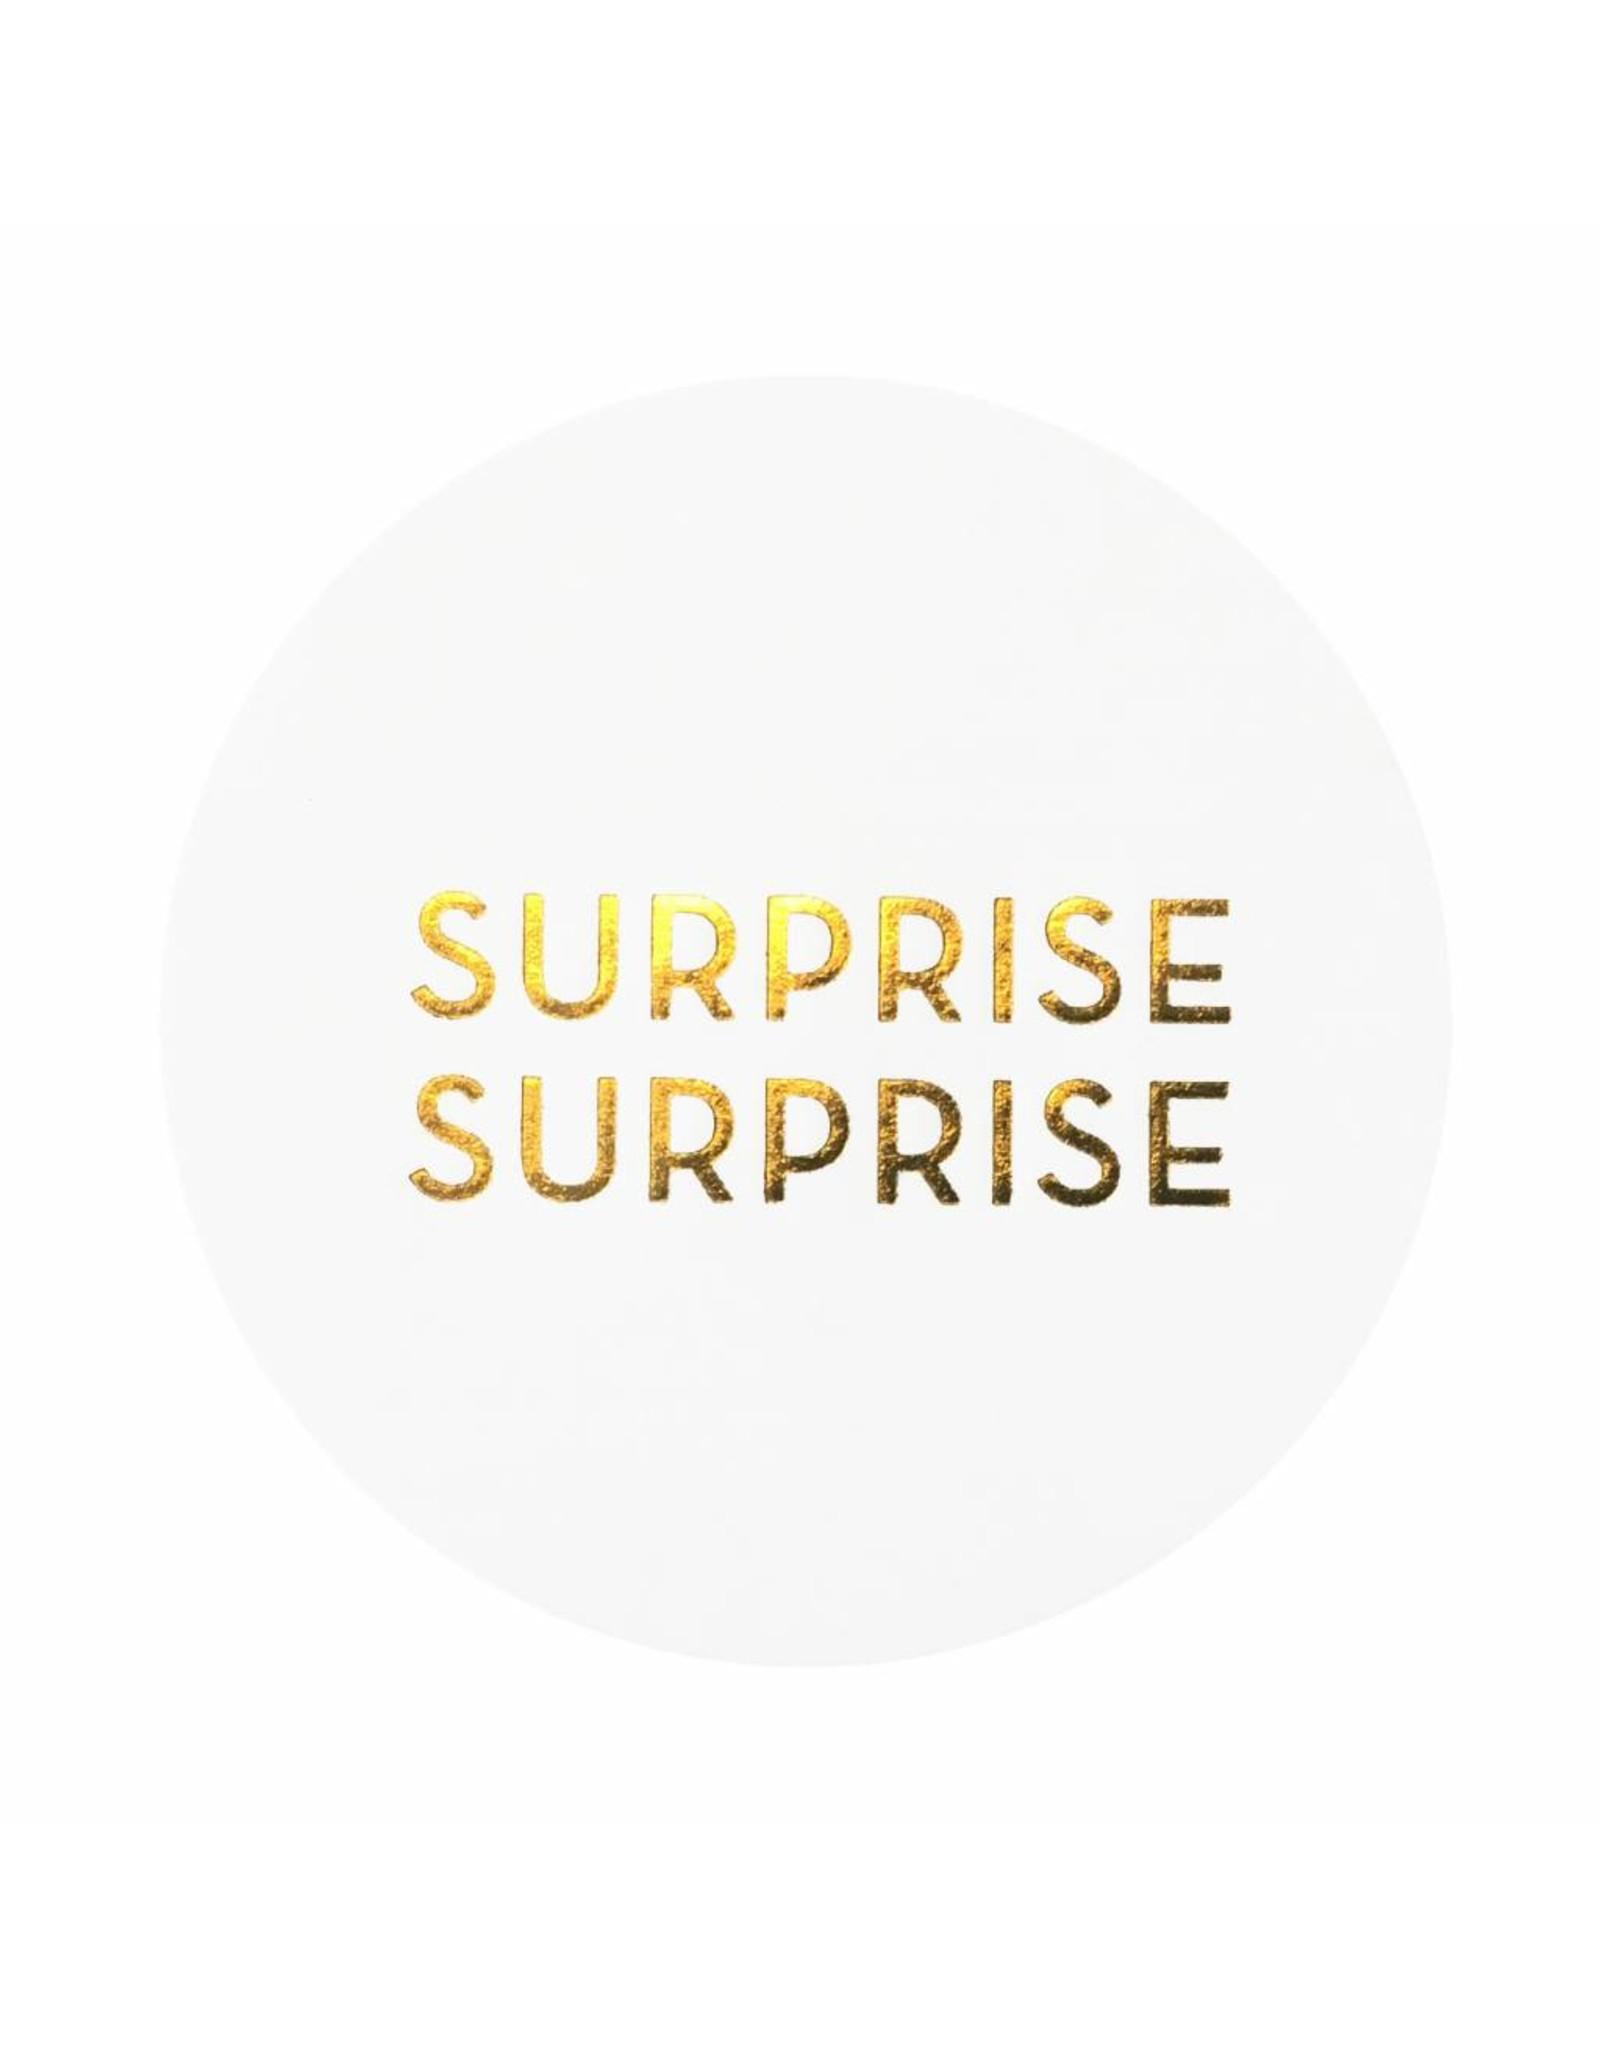 Stickers 5 st. SURPRISE SURPRISE wit/goud